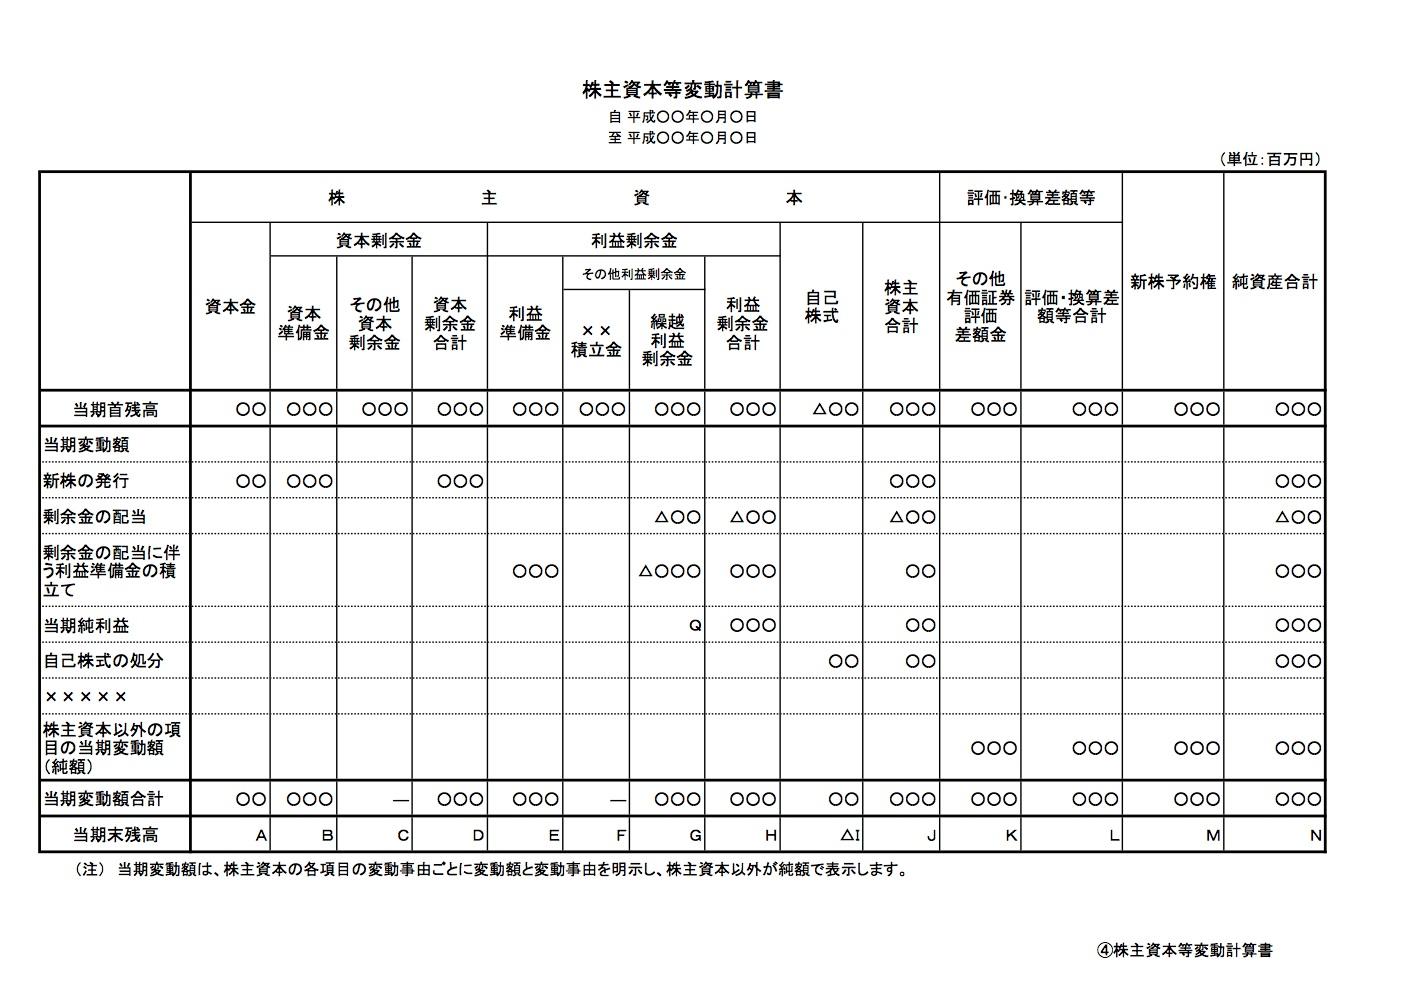 0281_株主資本等変動計算書_1